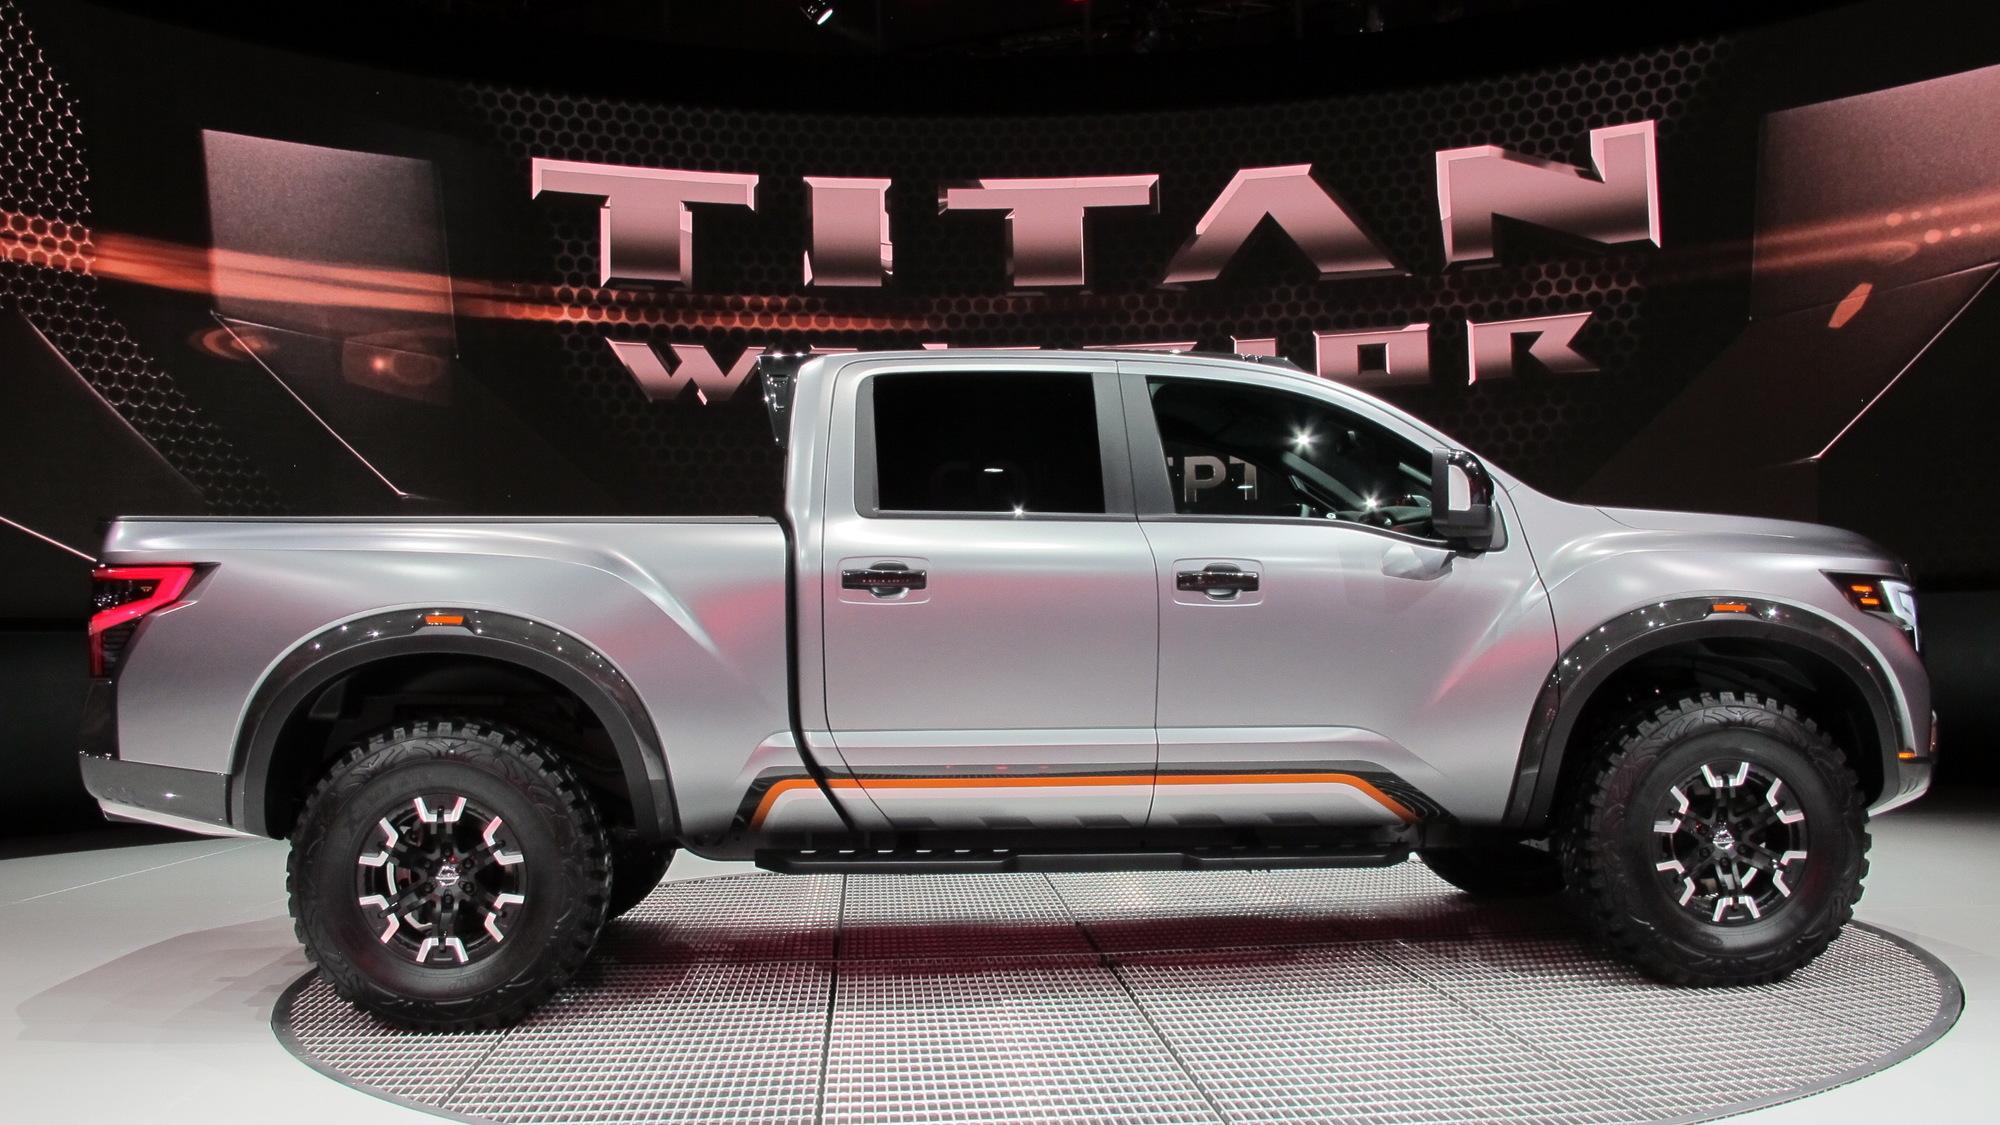 Nissan Titan Warrior Concept, 2016 Detroit Auto Show